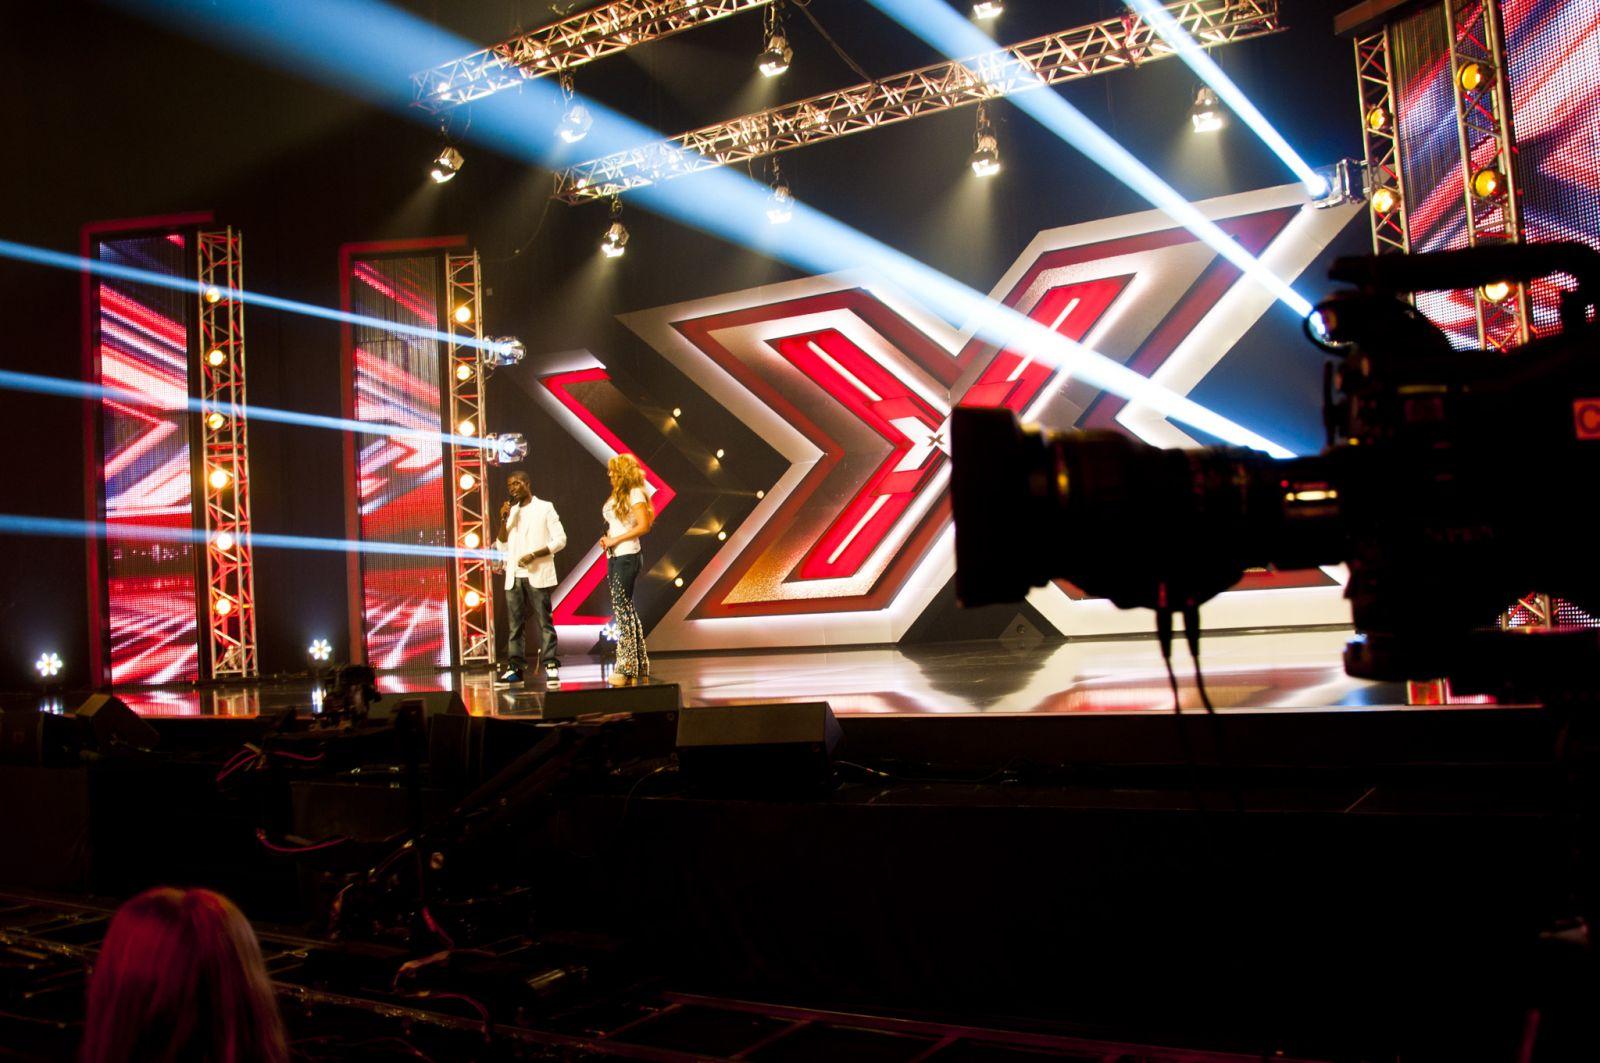 X-фактор (СТБ) завершил отбор участников для нового сезона ...